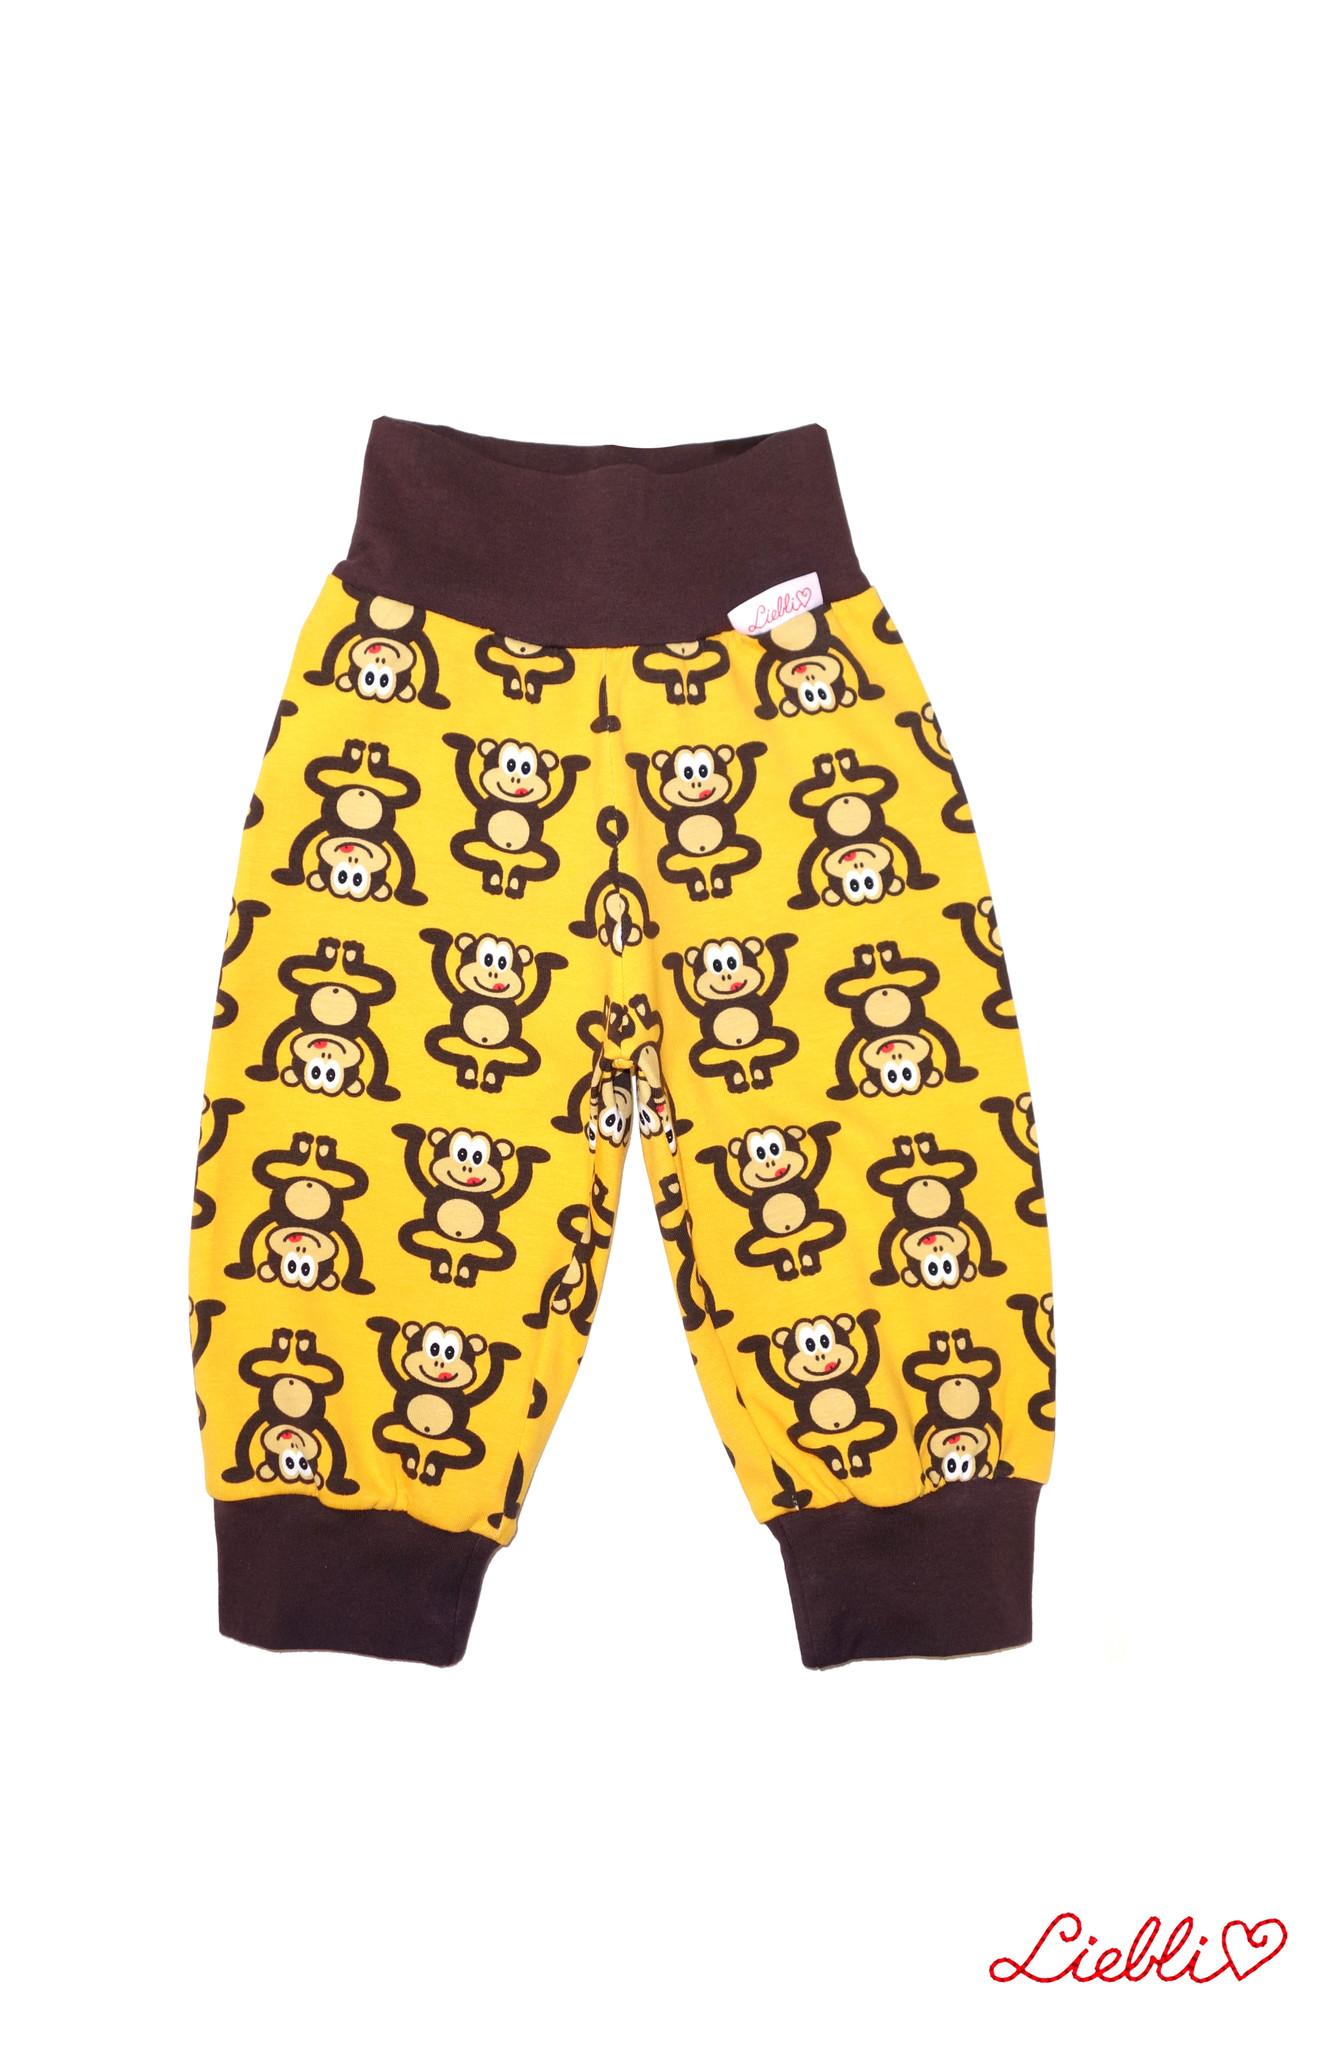 Kinderhose Affen gelb